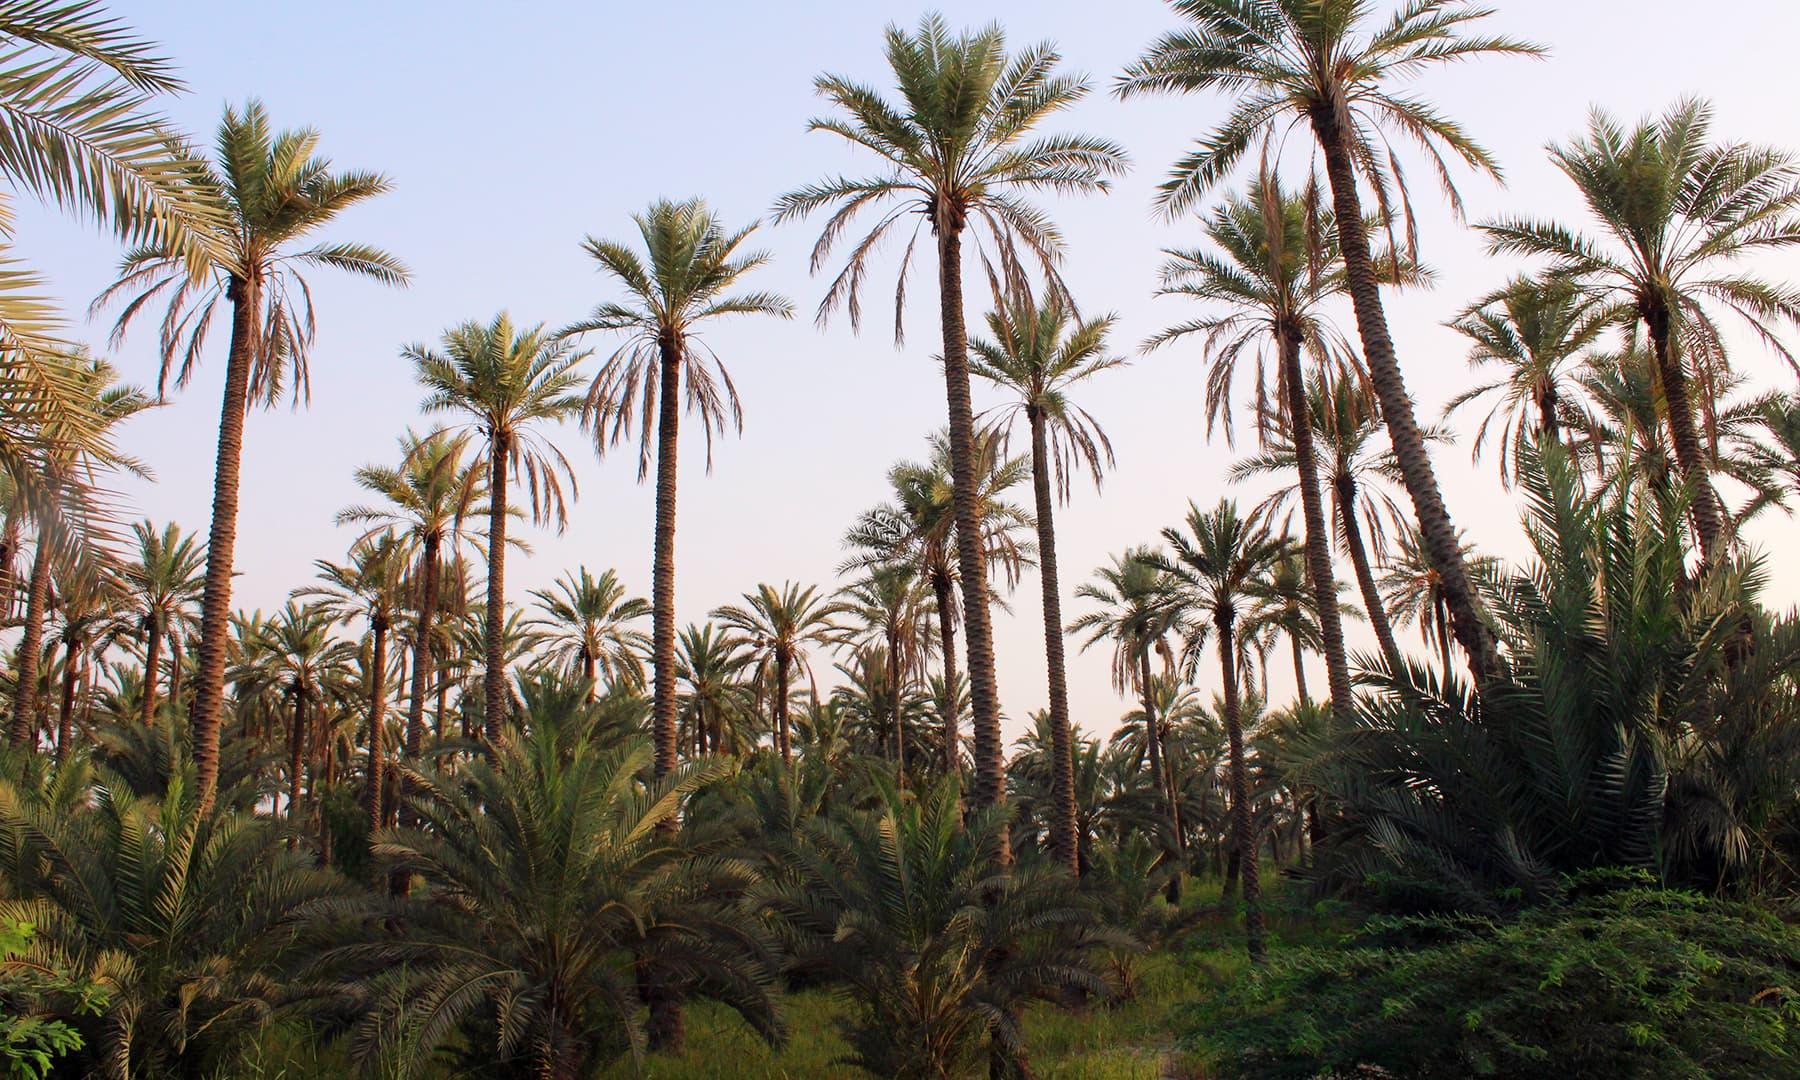 خیرپور میں موجود کھجور کے باغات — تصویر اختر حفیظ